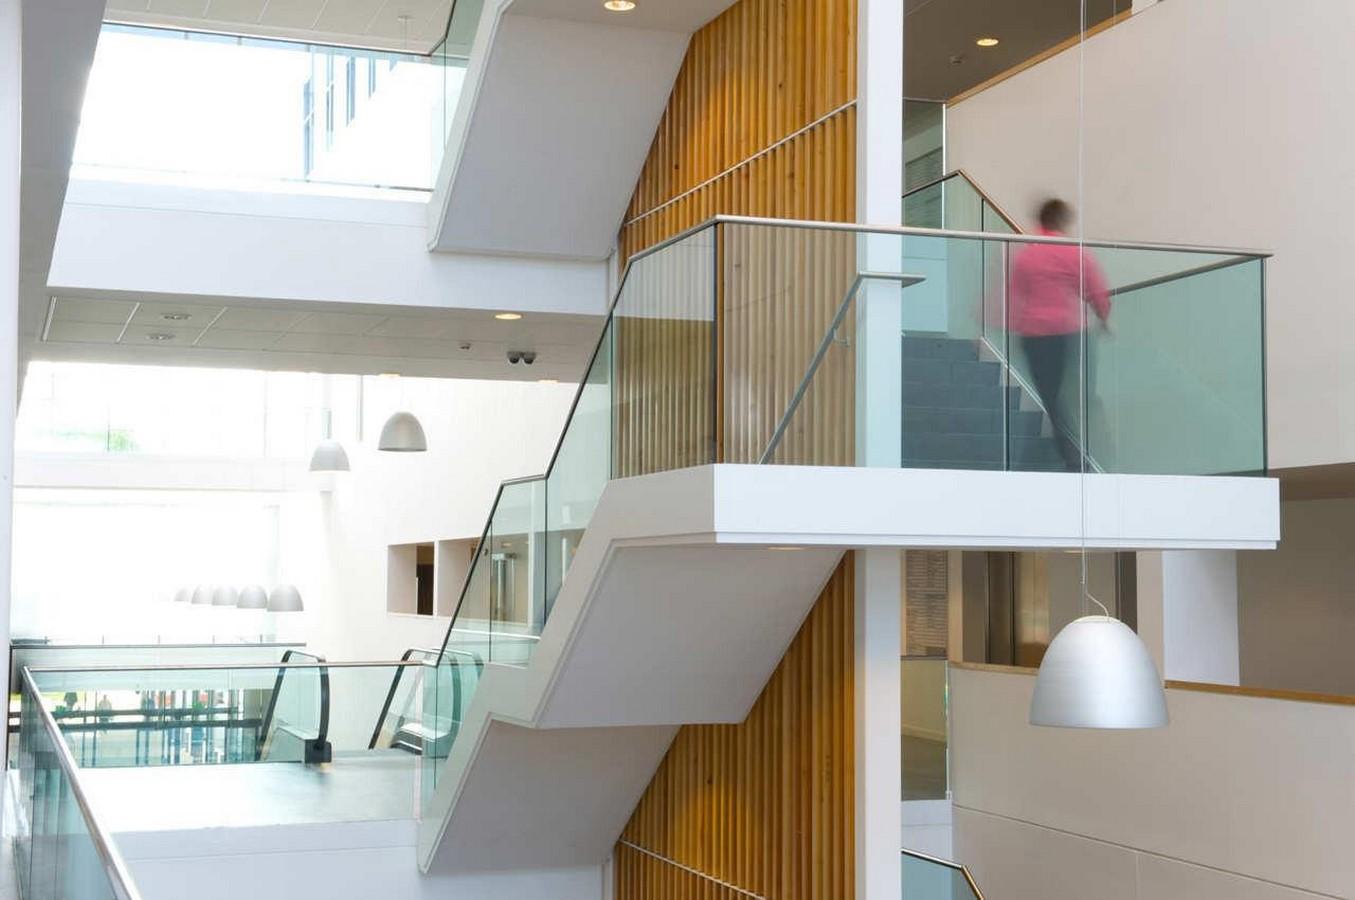 New Stobhill Hospital, United Kingdom - Sheet2